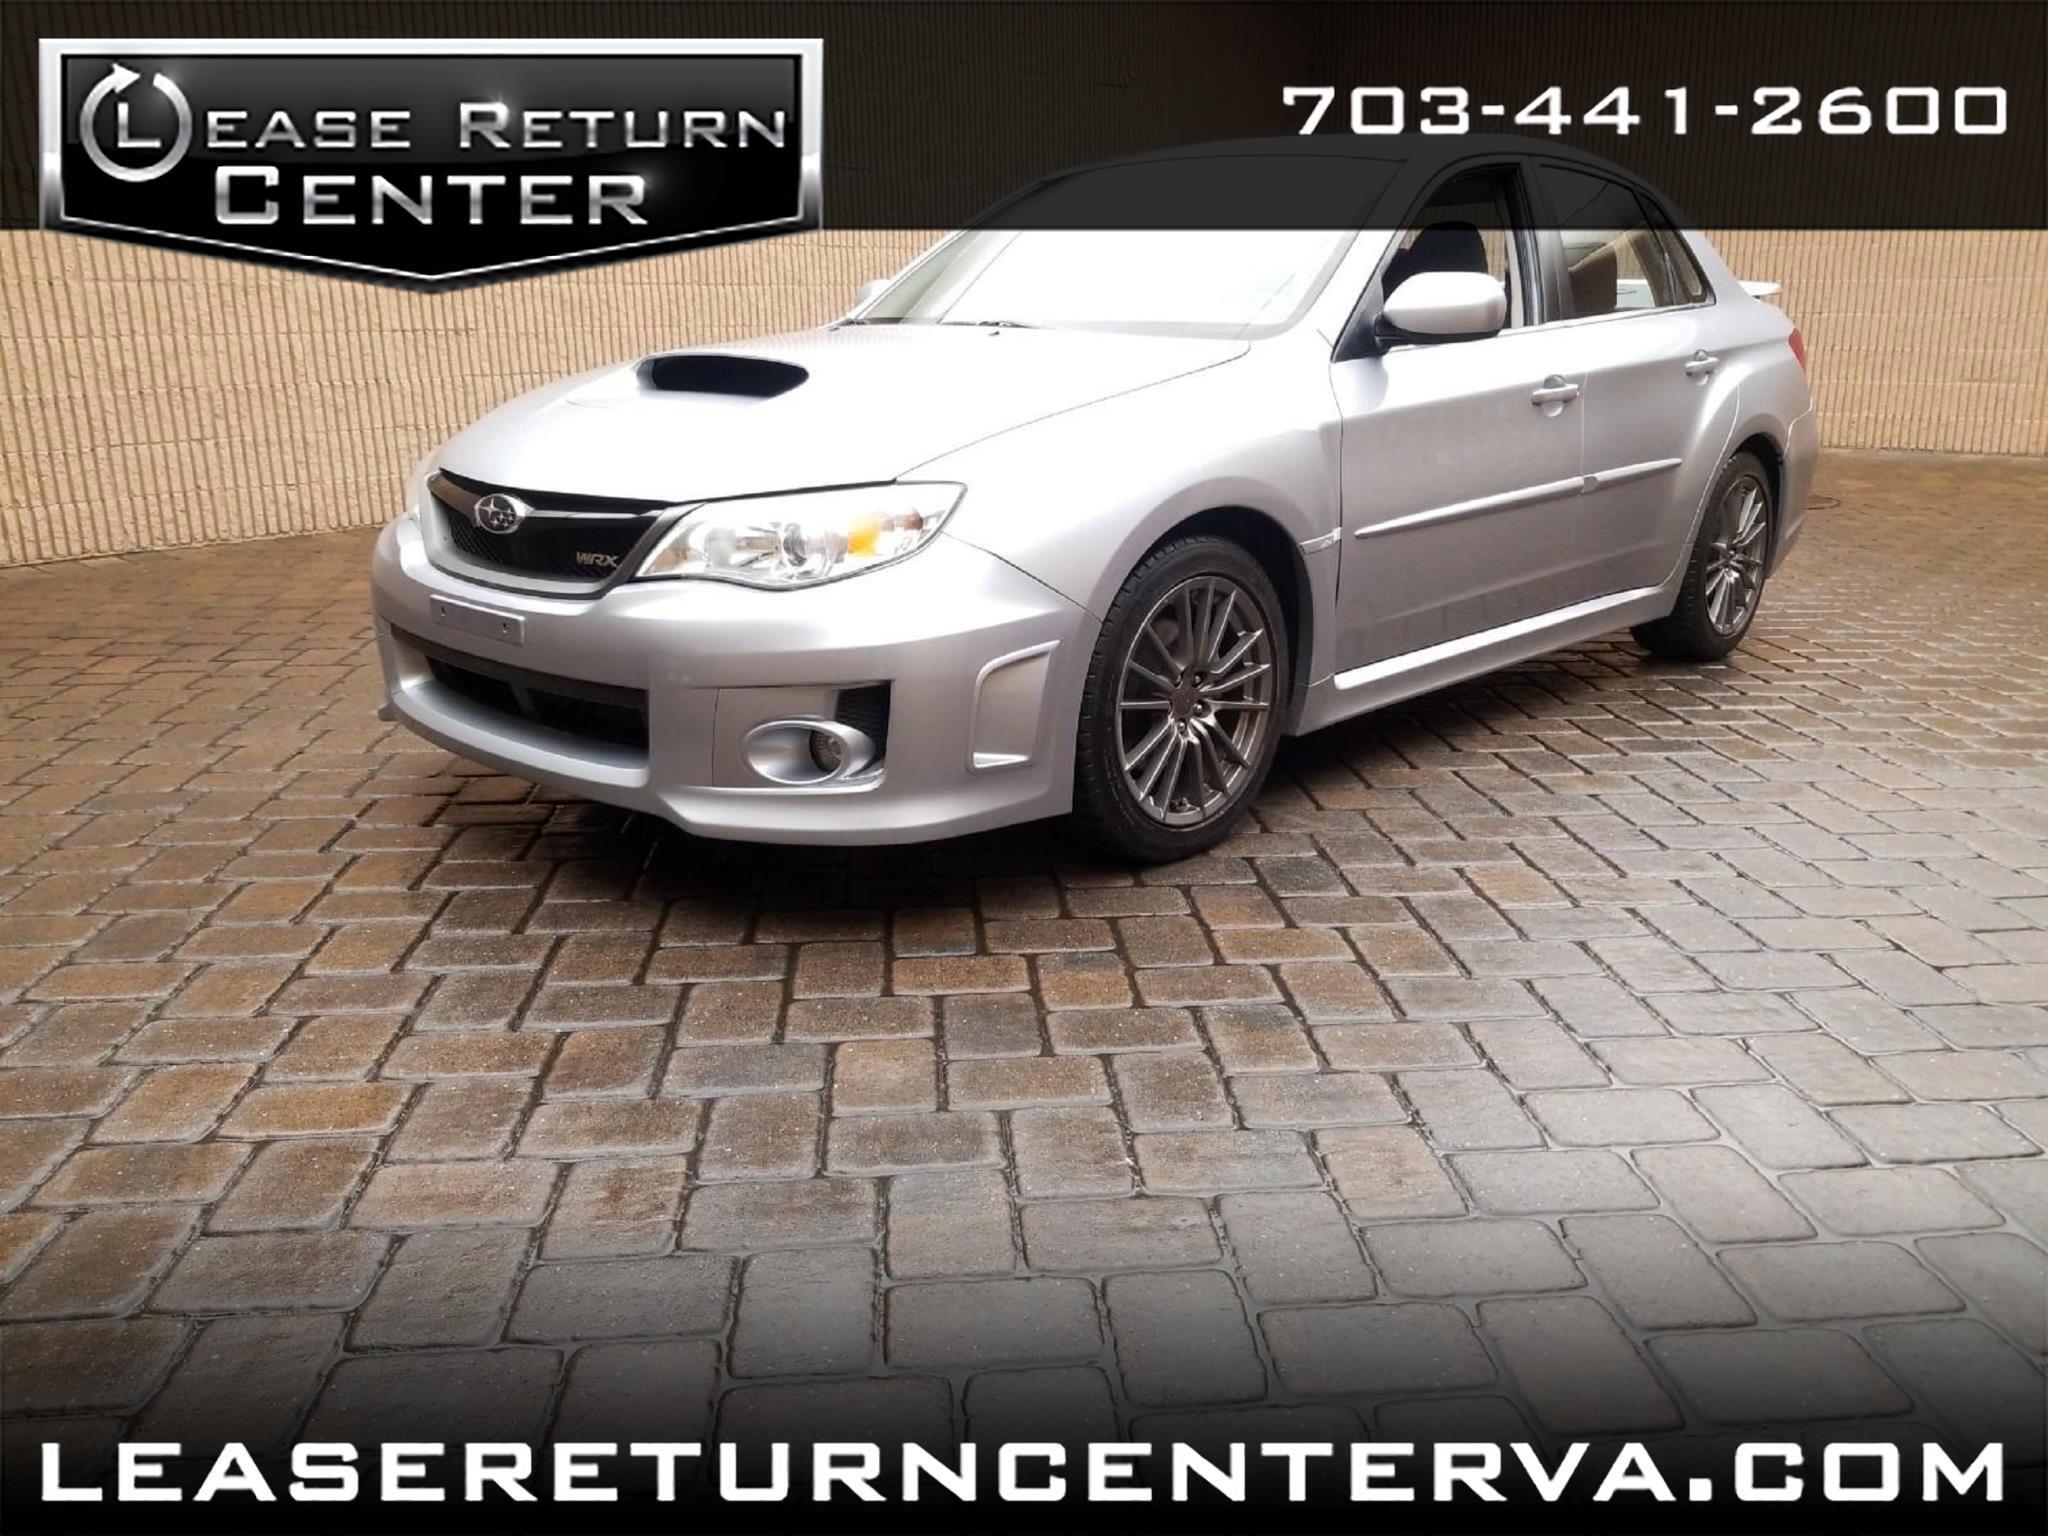 2014 Subaru Impreza Sedan WRX 4dr Man WRX Premium